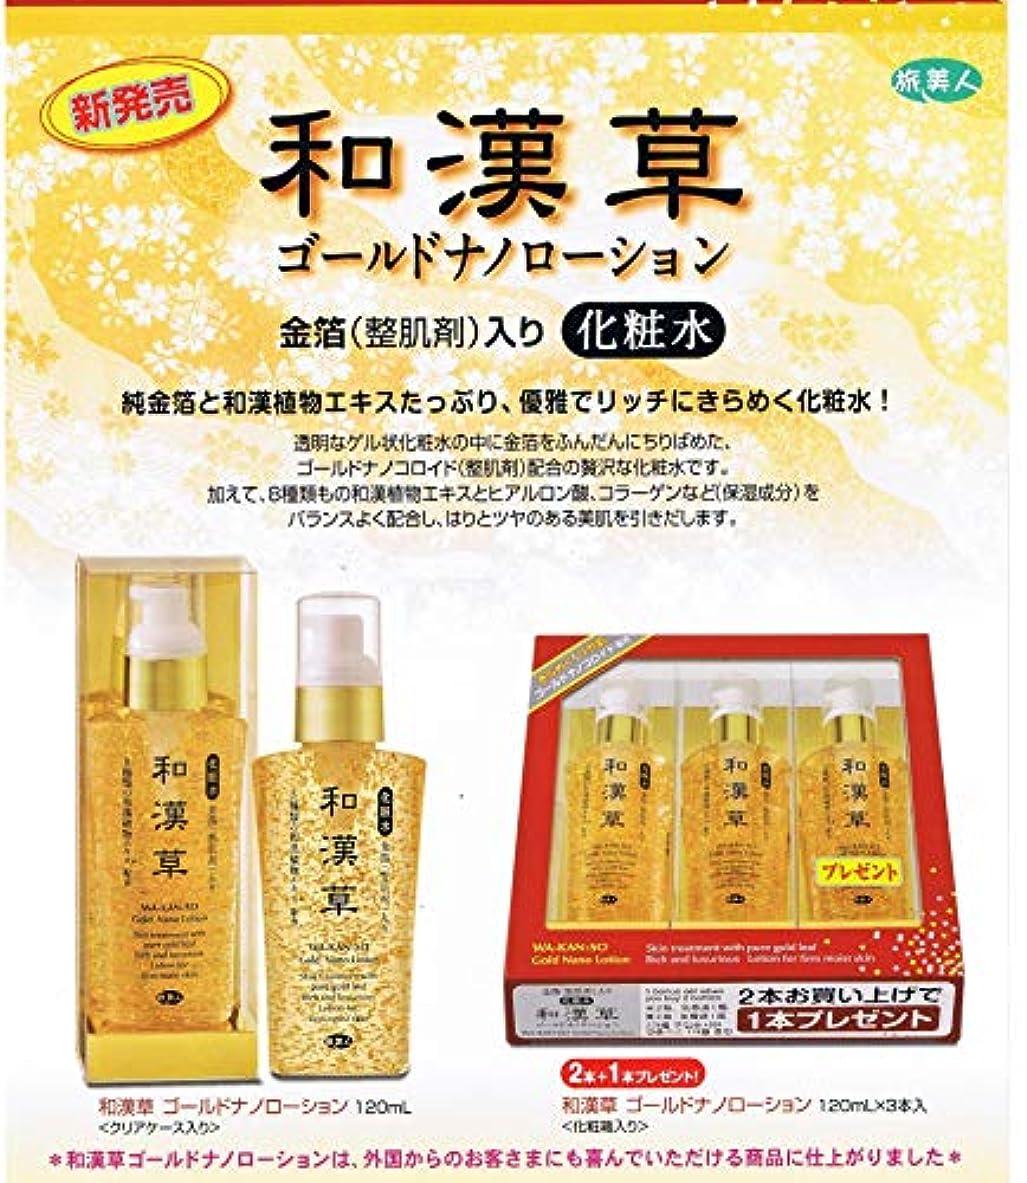 流行しているフェードアウト良性旅美人和漢草 ゴールドナノローション(化粧水)120ml 金箔(整肌剤)入り3本入り ×5セット(全部で15本)